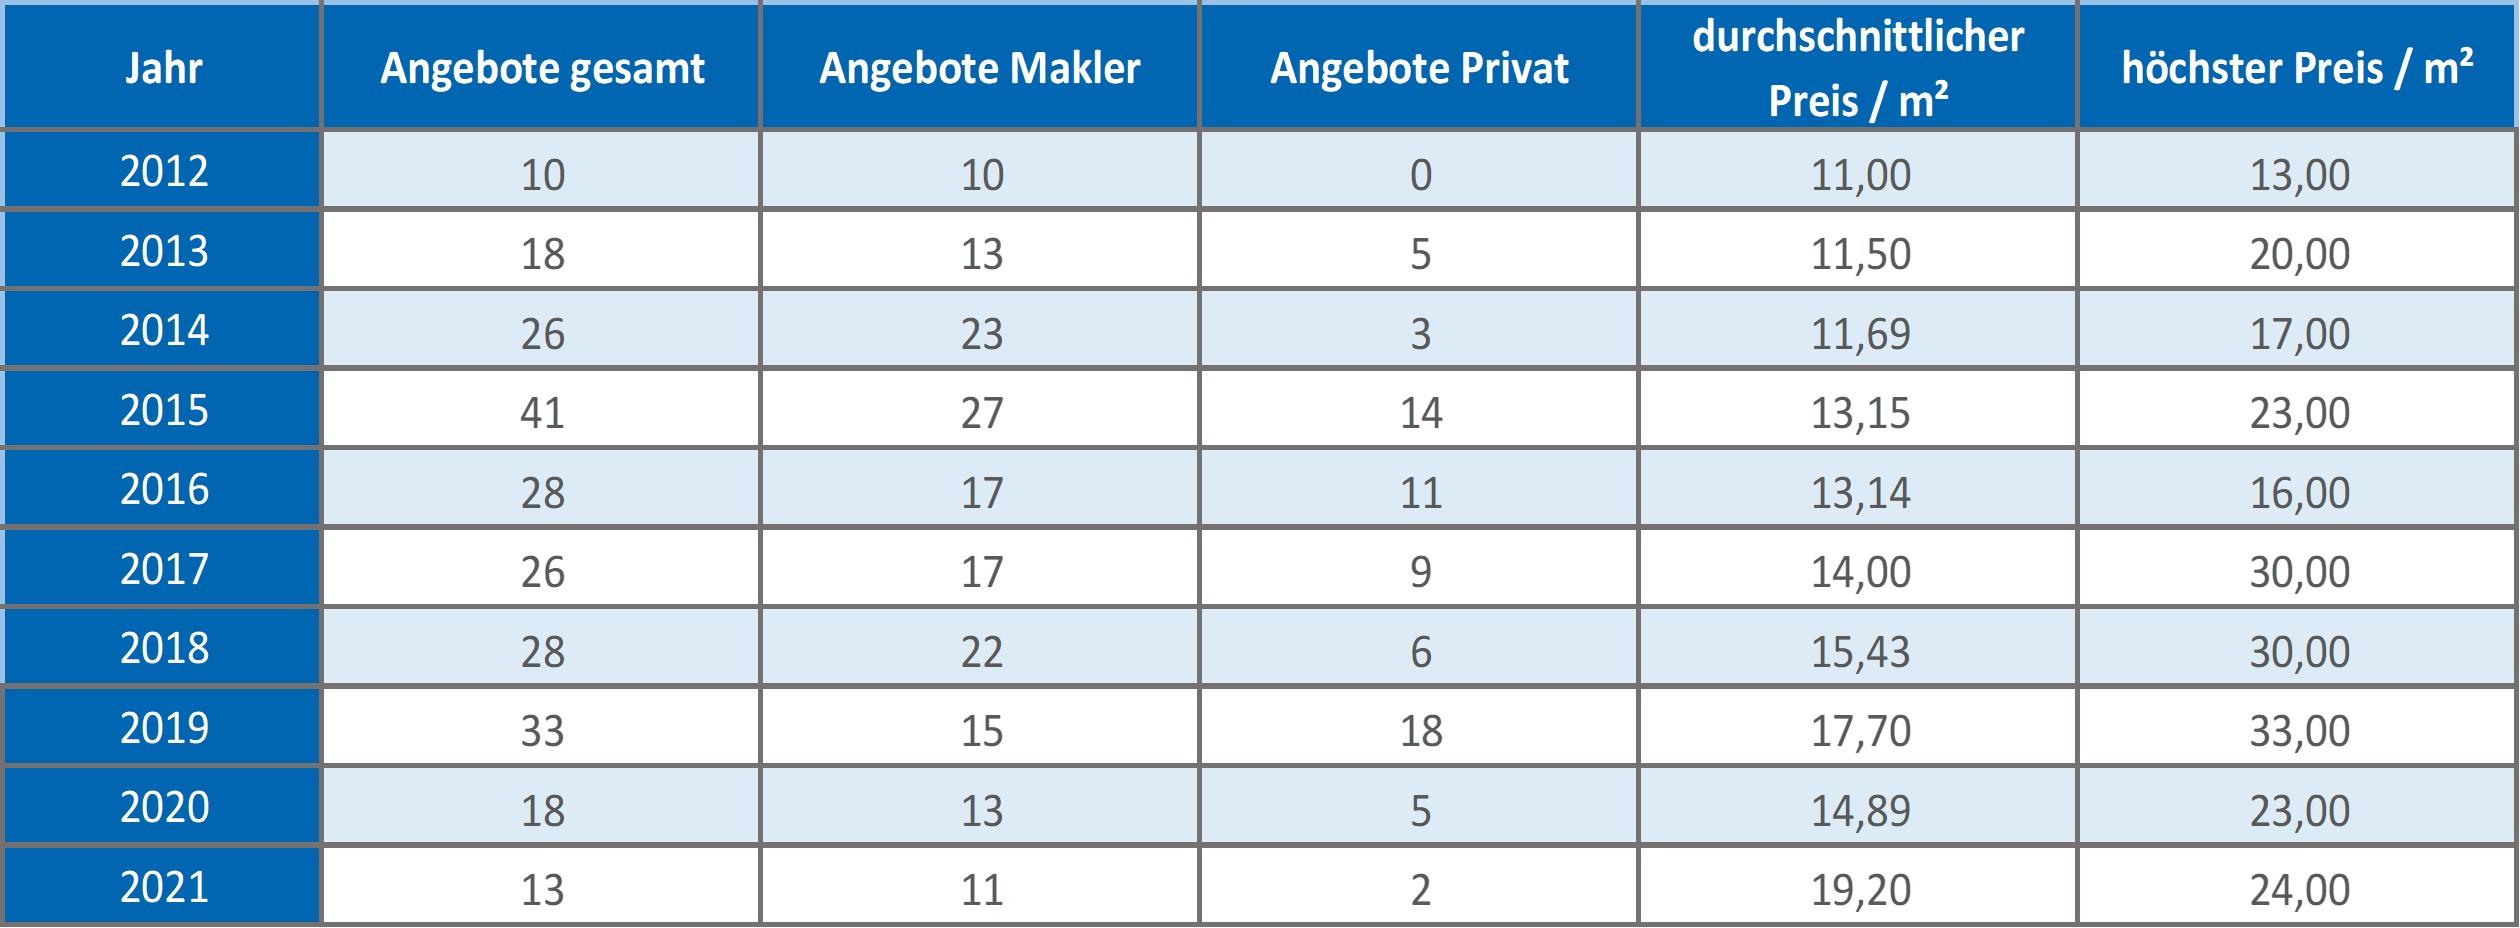 Schäftlarn Wohnung mieten vermietenPreis Bewertung Makler www.happy-immo.de 2019 2020 2021